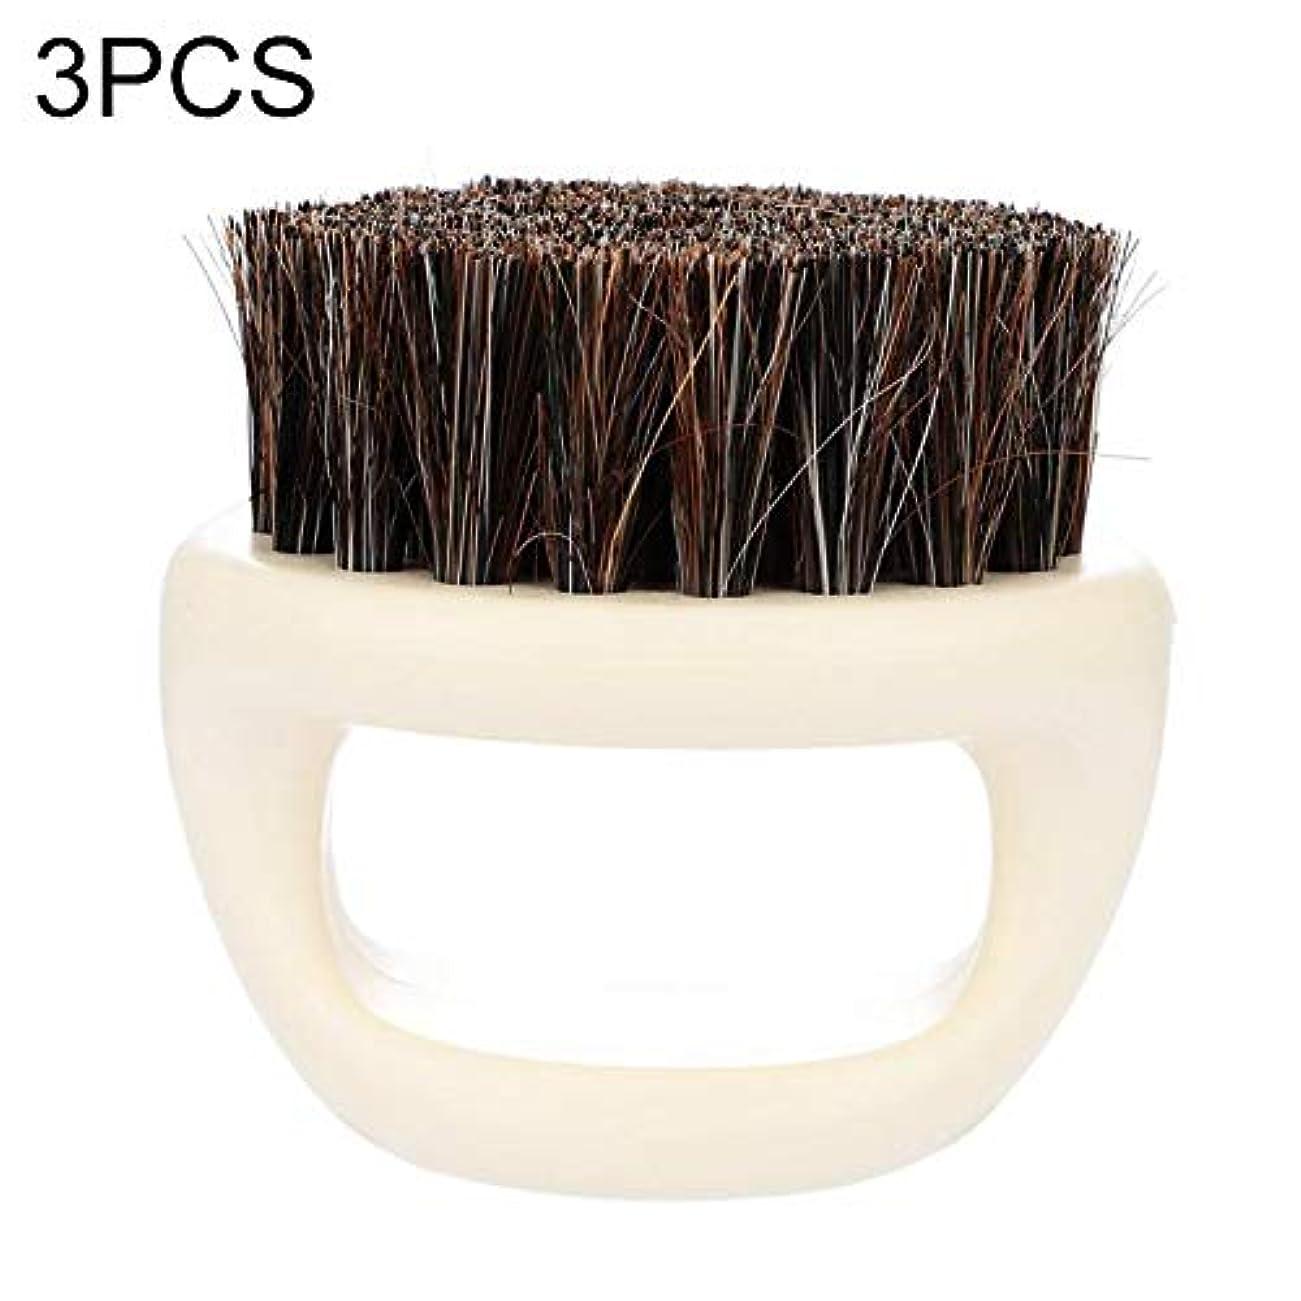 WTYD 美容ヘアツール 3 PCSメンズリングデザインポータブルボアブラシホワイトABSヘアカットクリーニングシェービングブラシ (色 : Black)